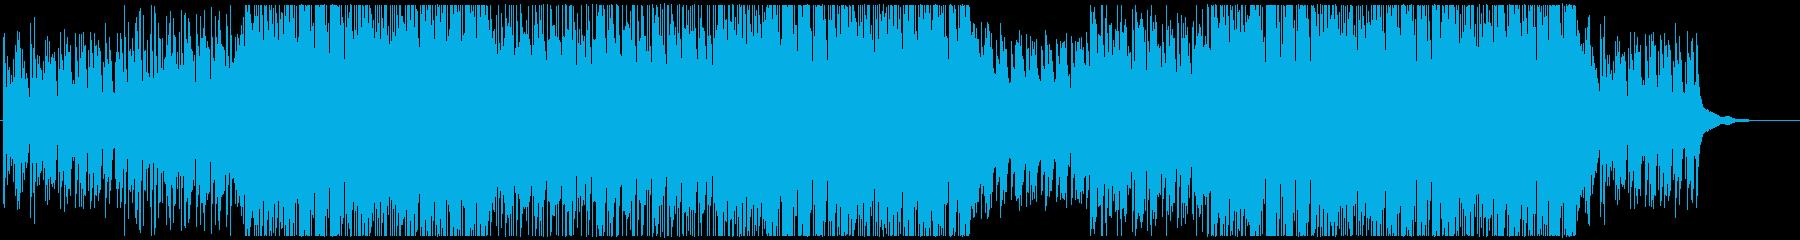 キャッチーなピアノポップの再生済みの波形